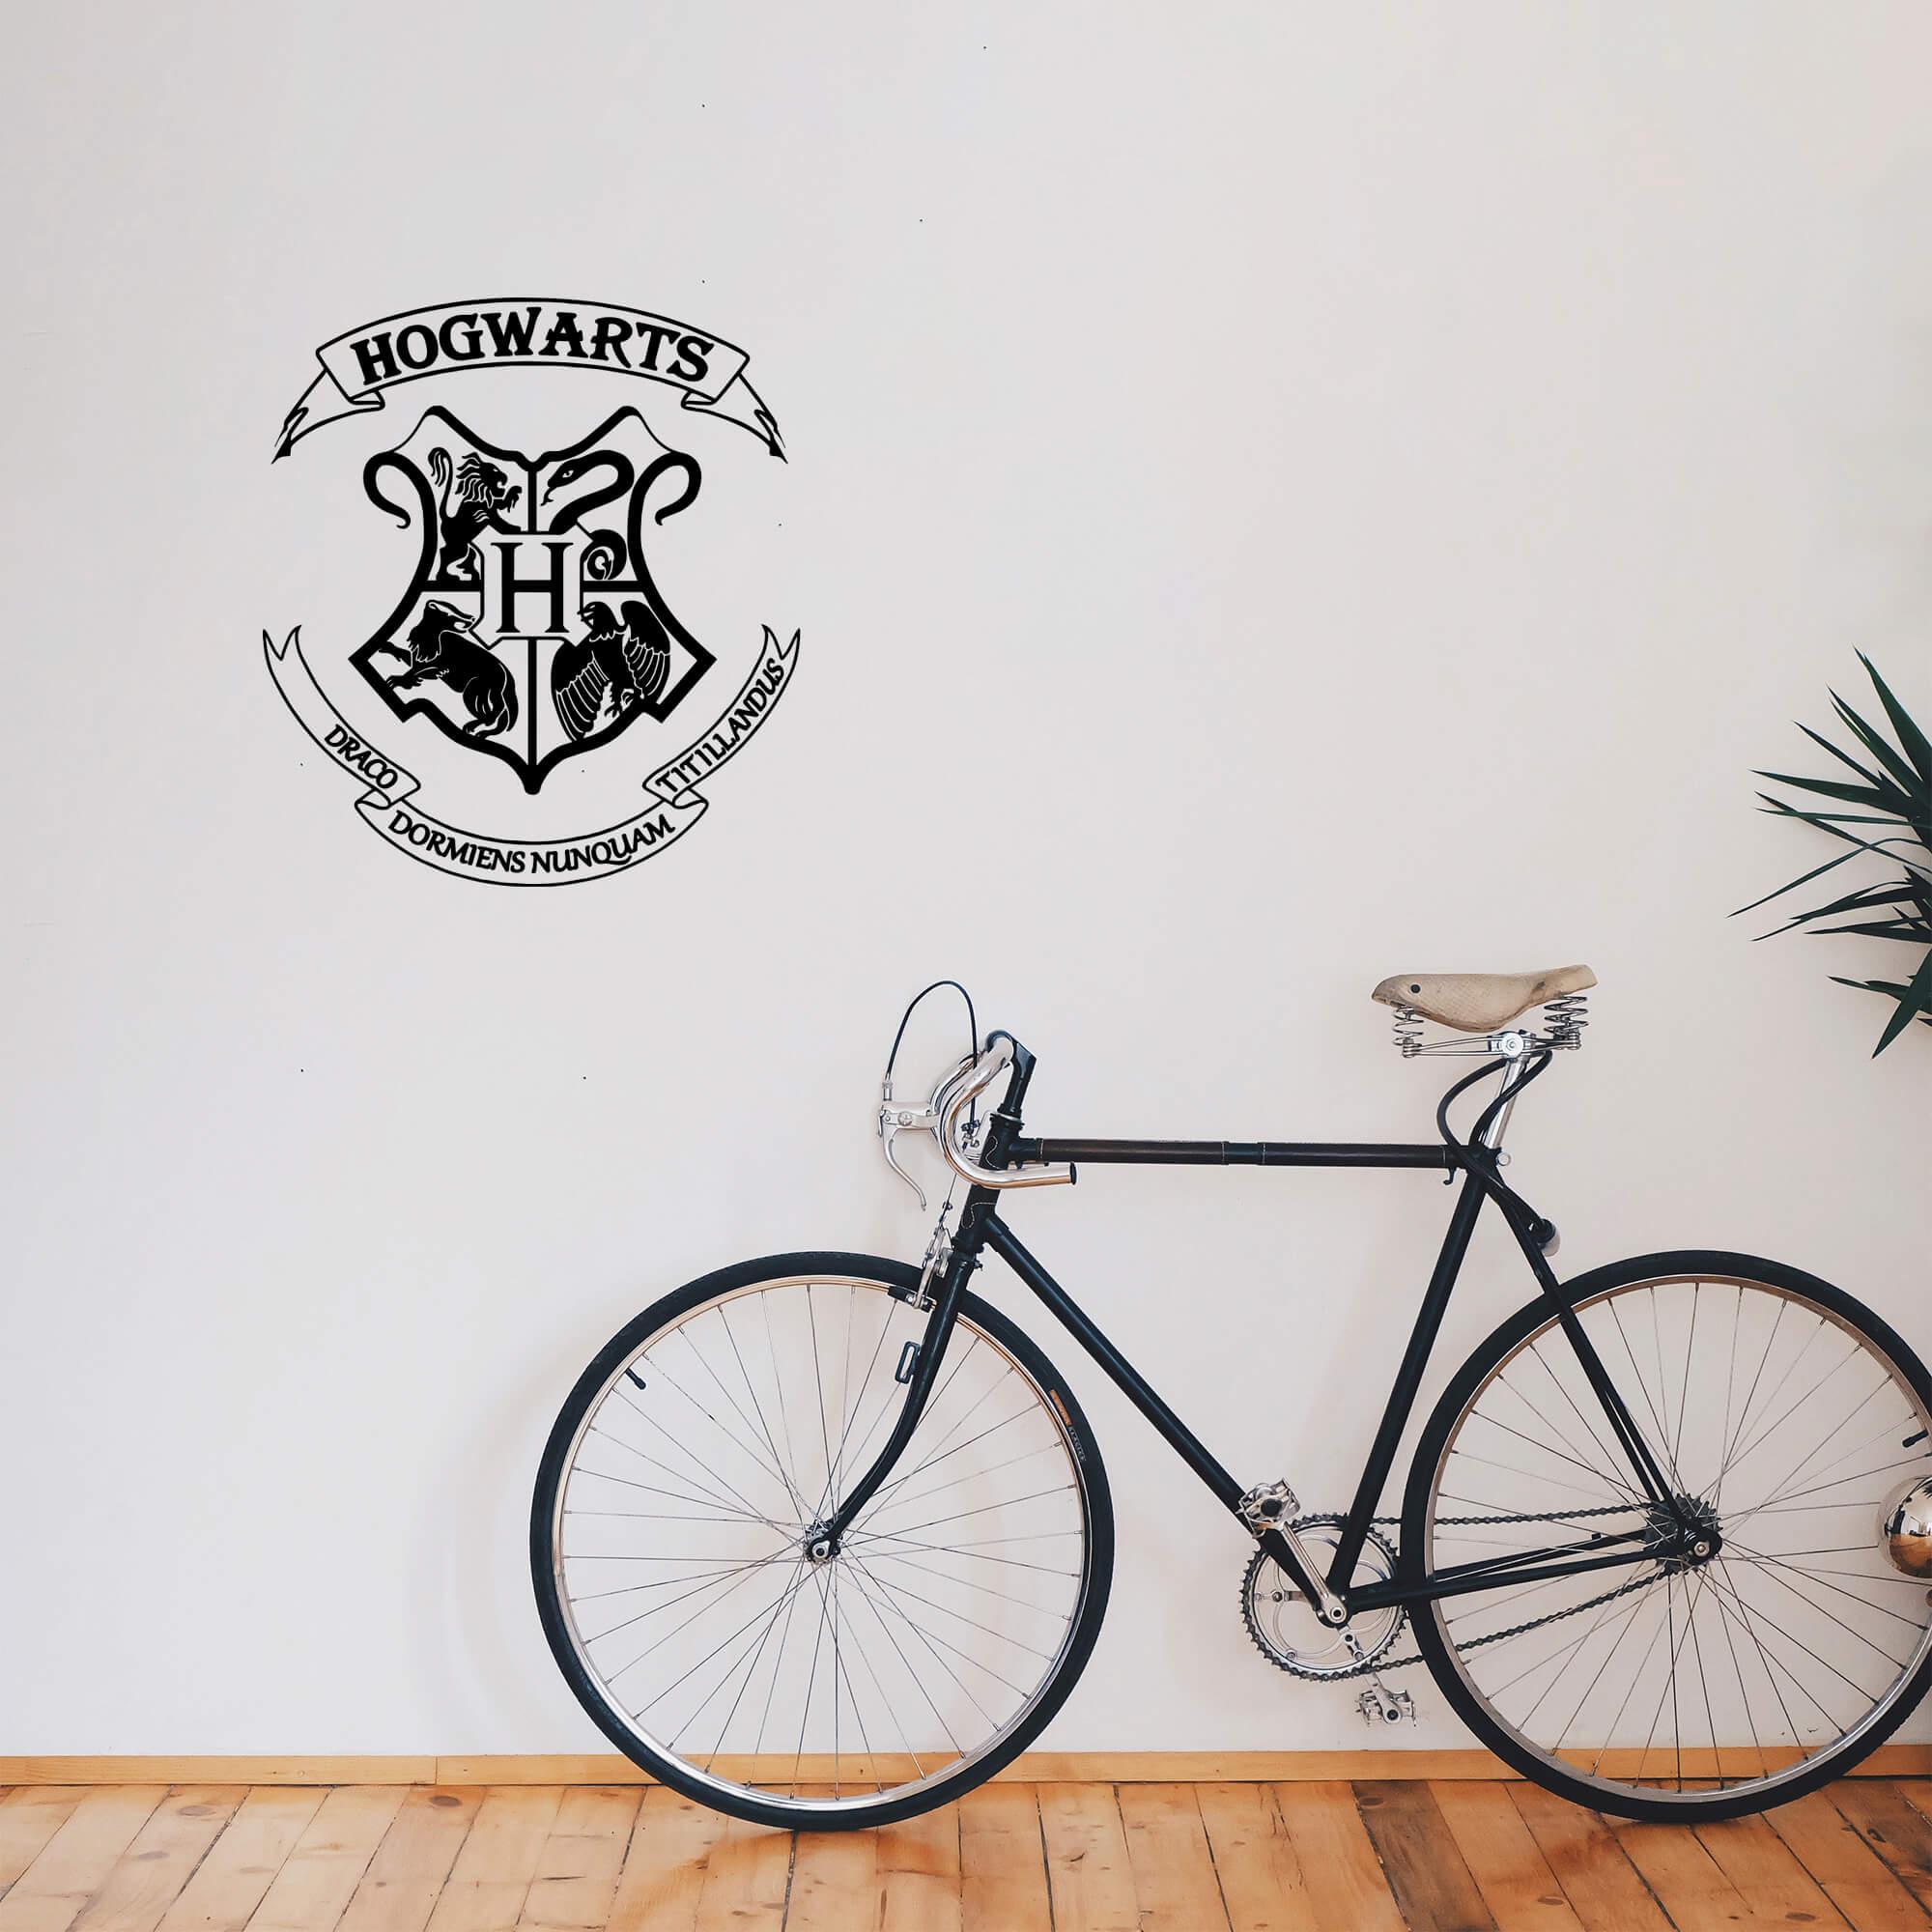 Adesivo Decorativo Brasão Hogawarts Harry Potter Escola Magia